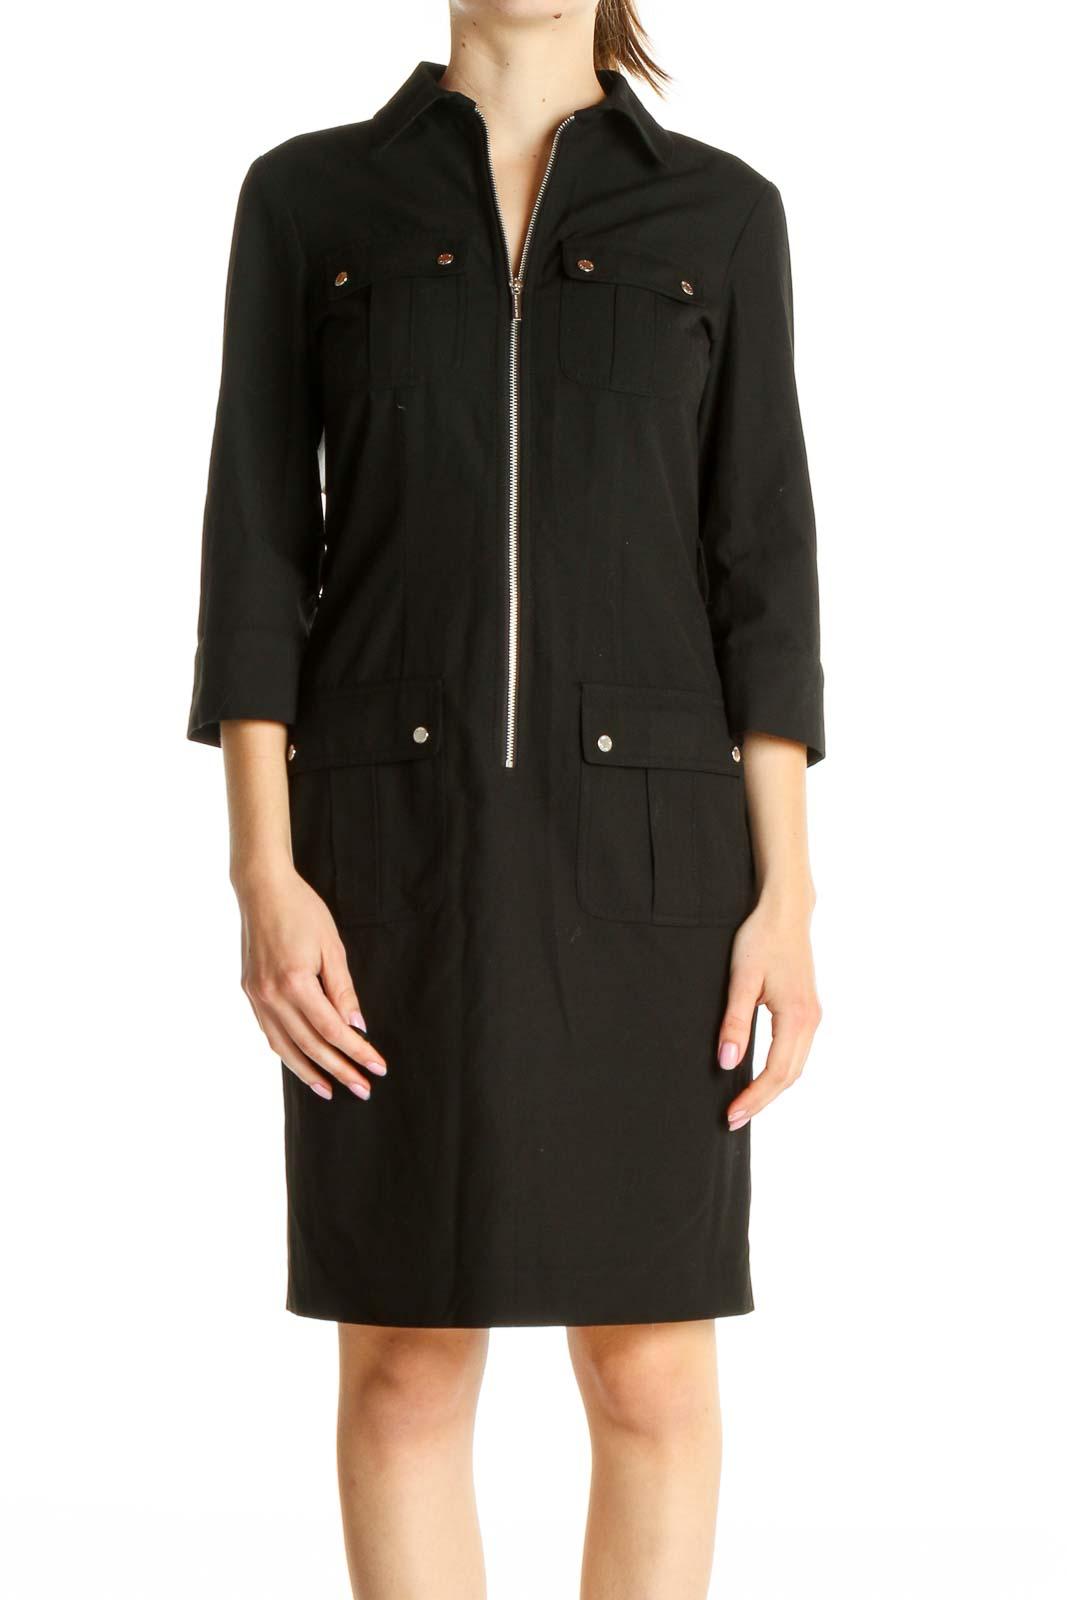 Black Solid Dress Front